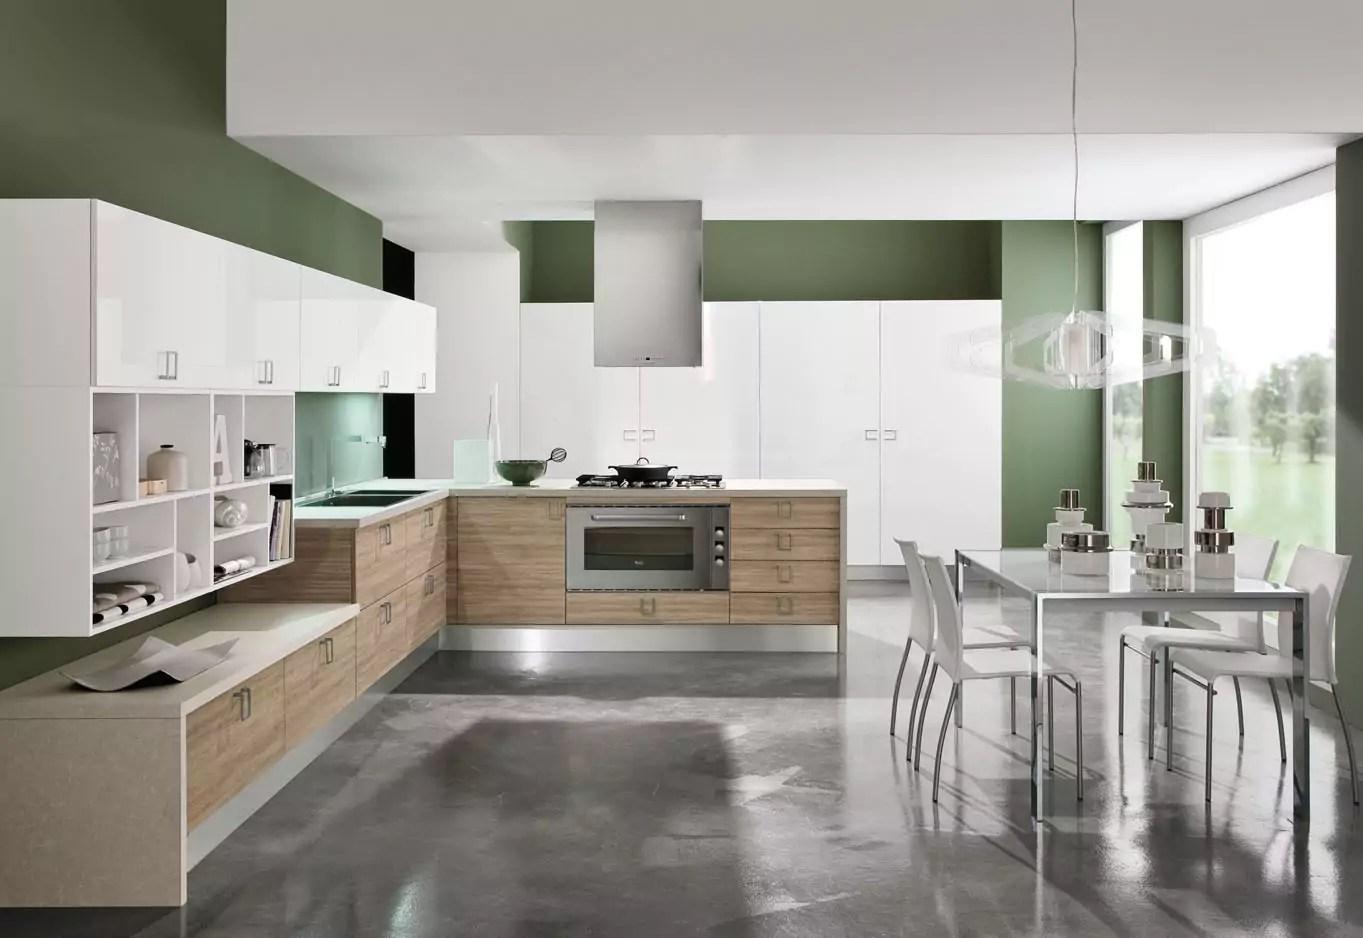 Pavimenti per cucina piastrelle per pavimenti e rivestimenti cucina